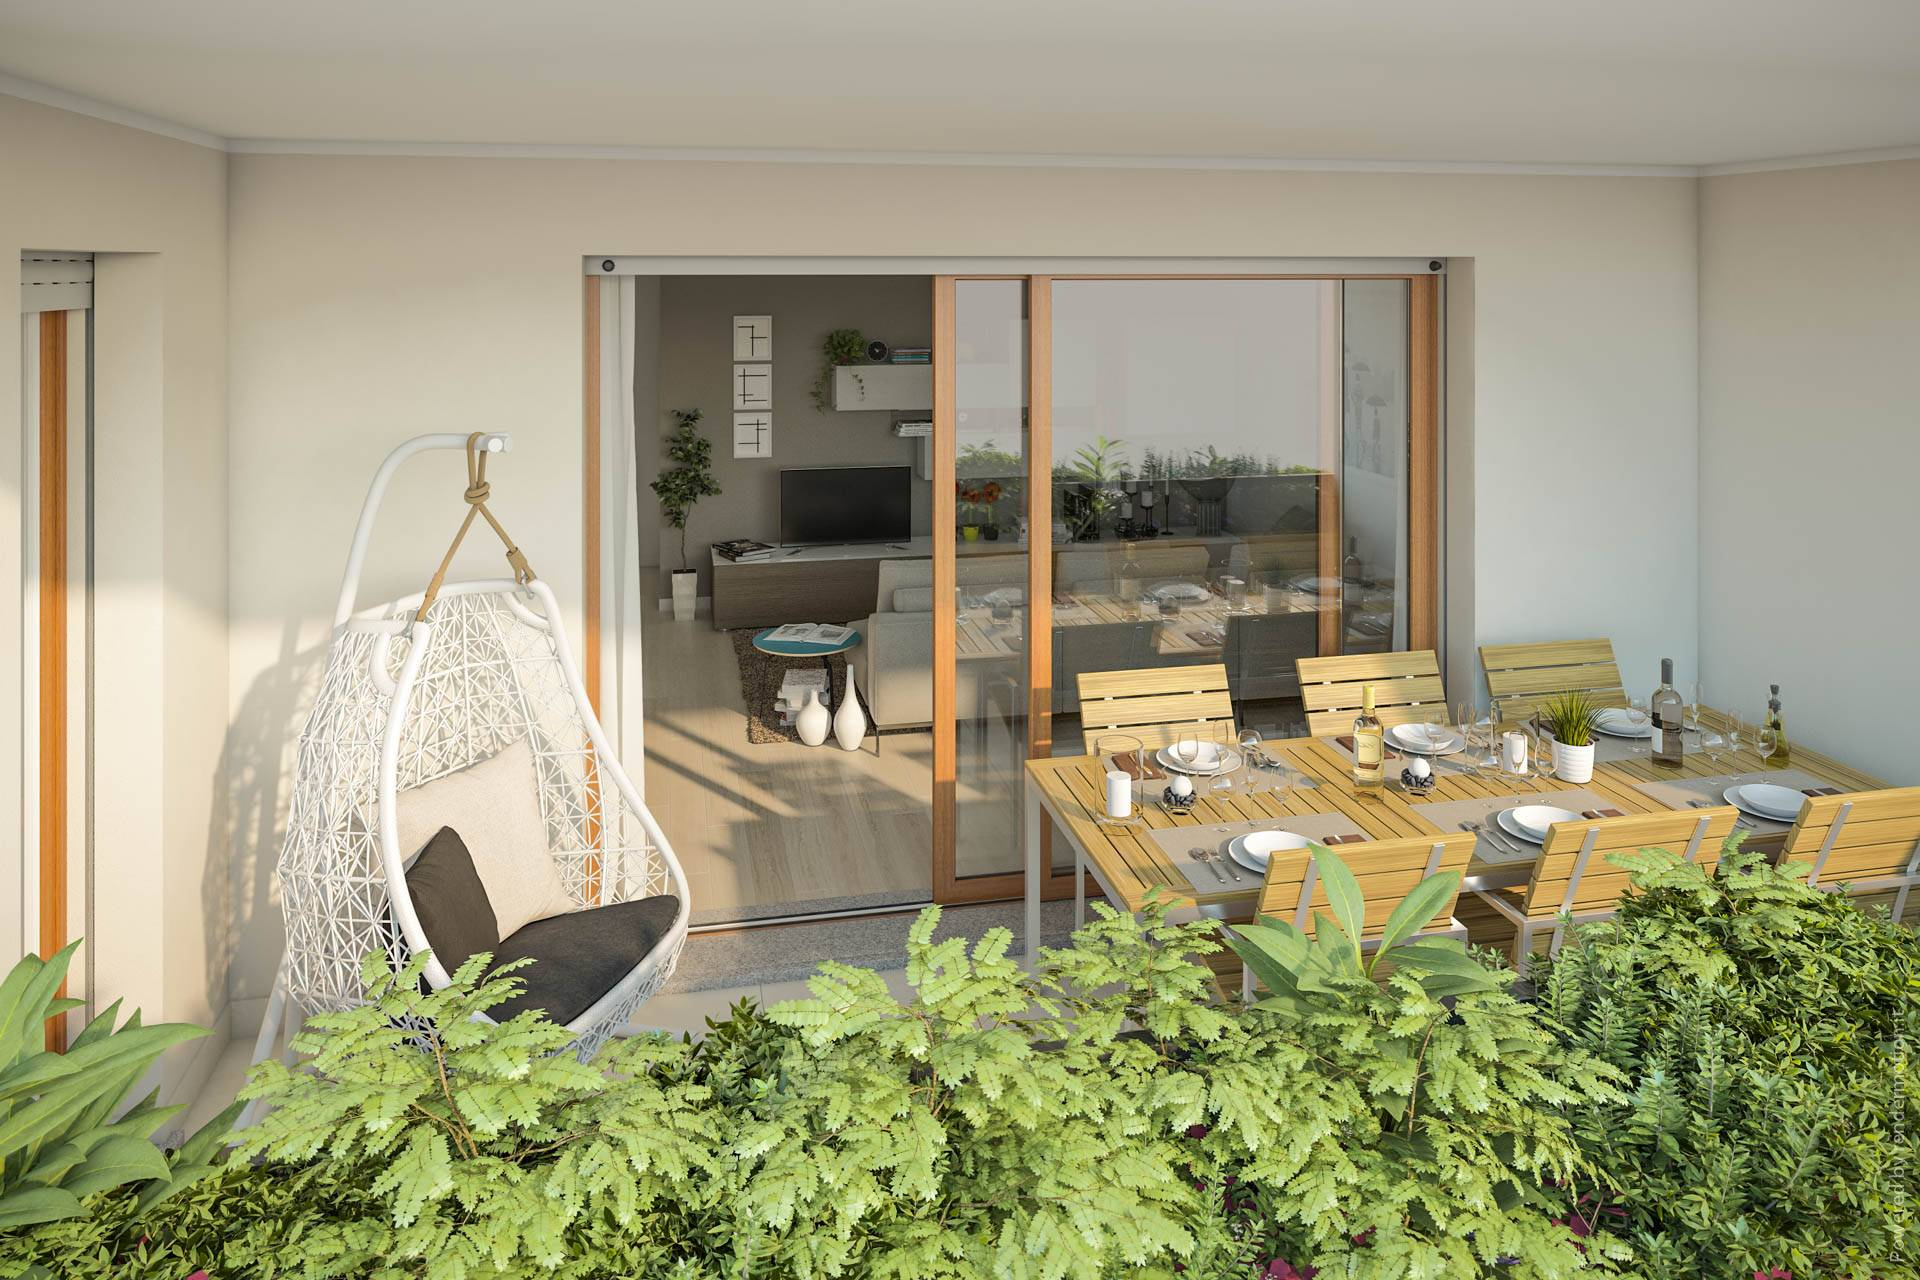 Appartamento in vendita a Tradate, 6 locali, zona Località: STAZIONEFNM, prezzo € 350.000 | PortaleAgenzieImmobiliari.it